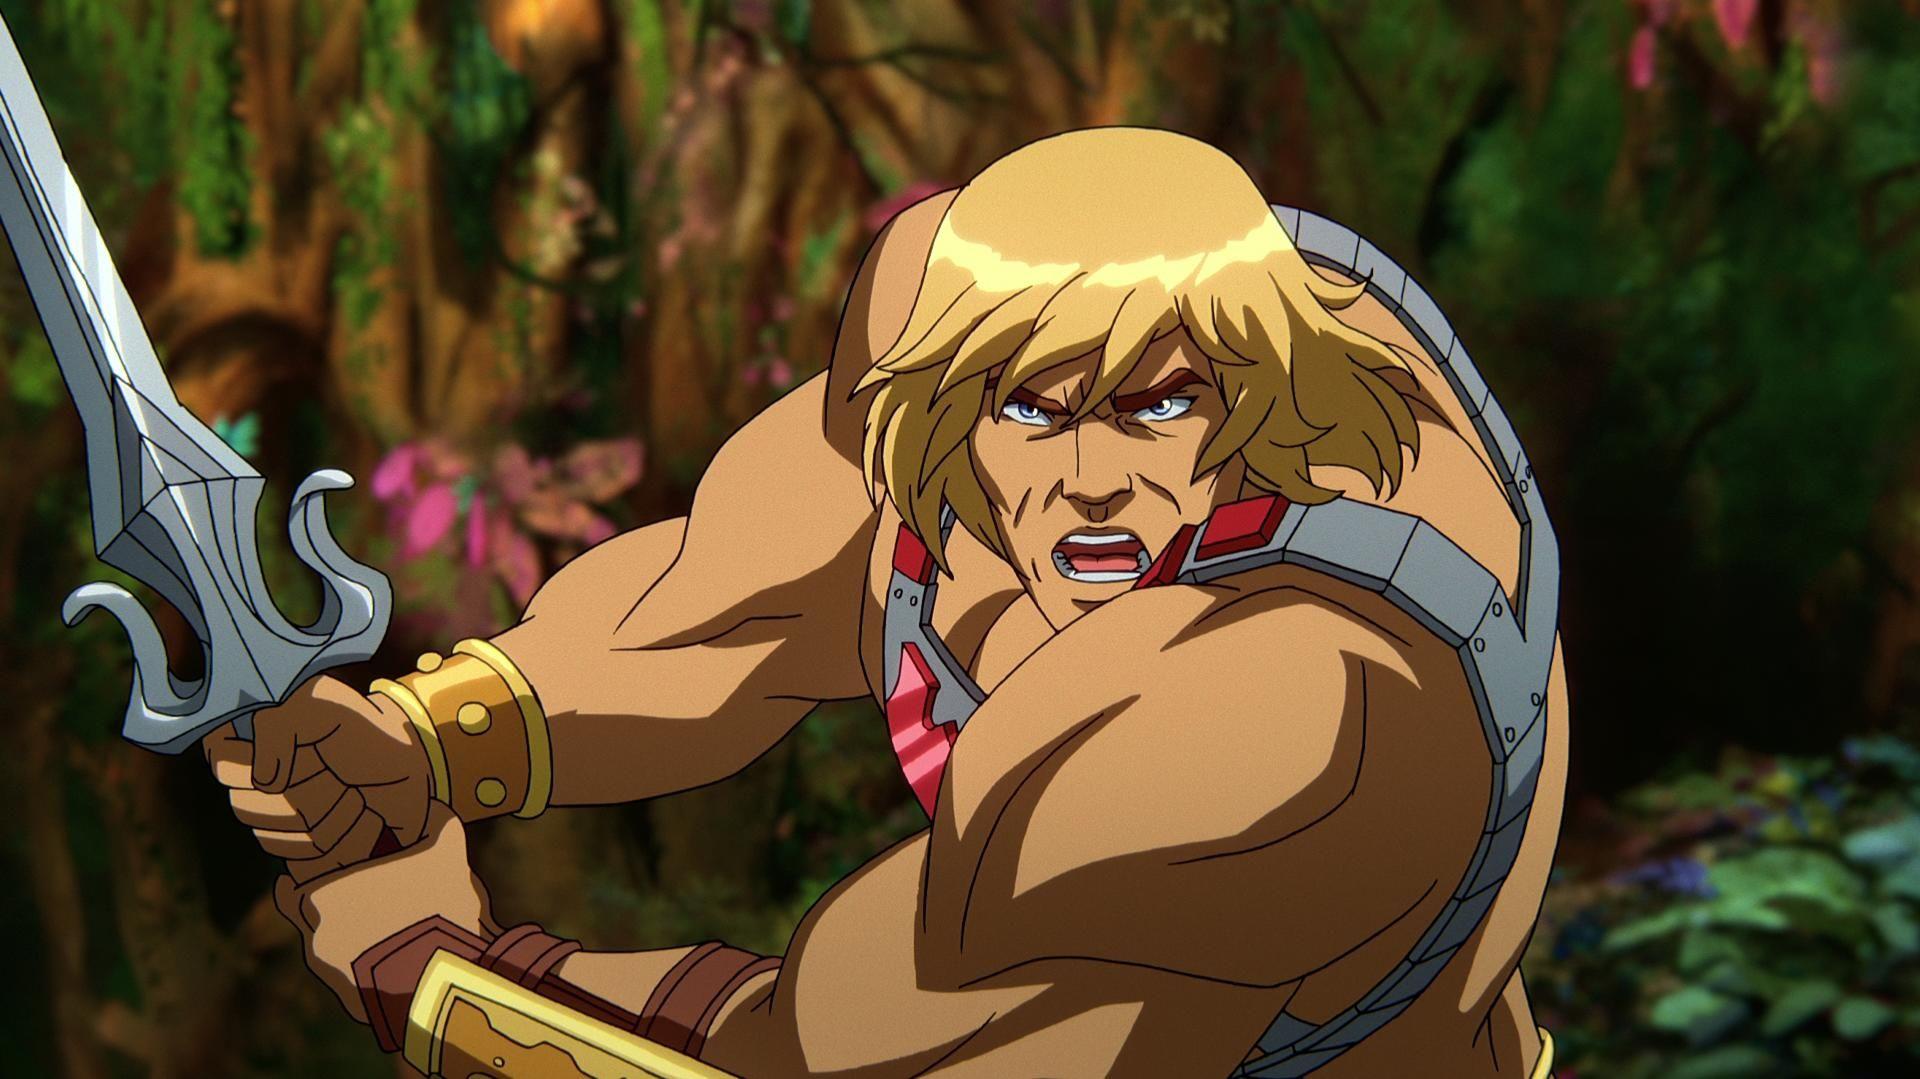 Mestres do Universo: Imagens de análise inicial revelam He-Man e Skeletor 9